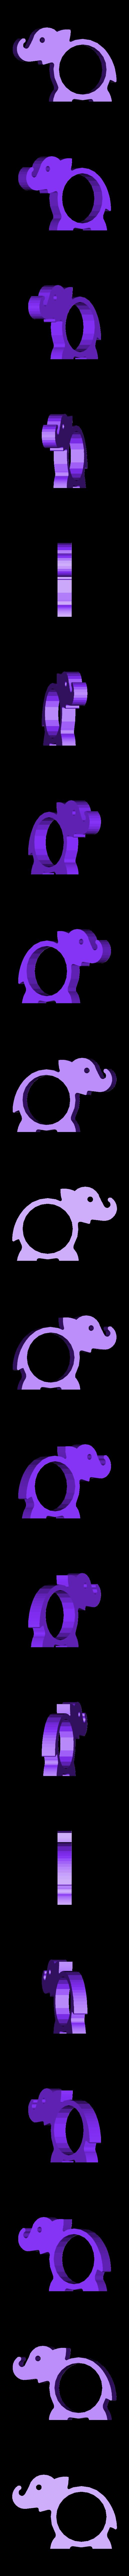 zookins-elephant.stl Télécharger fichier STL gratuit Zookins - les animaux ronds de Serviette • Plan à imprimer en 3D, Cults